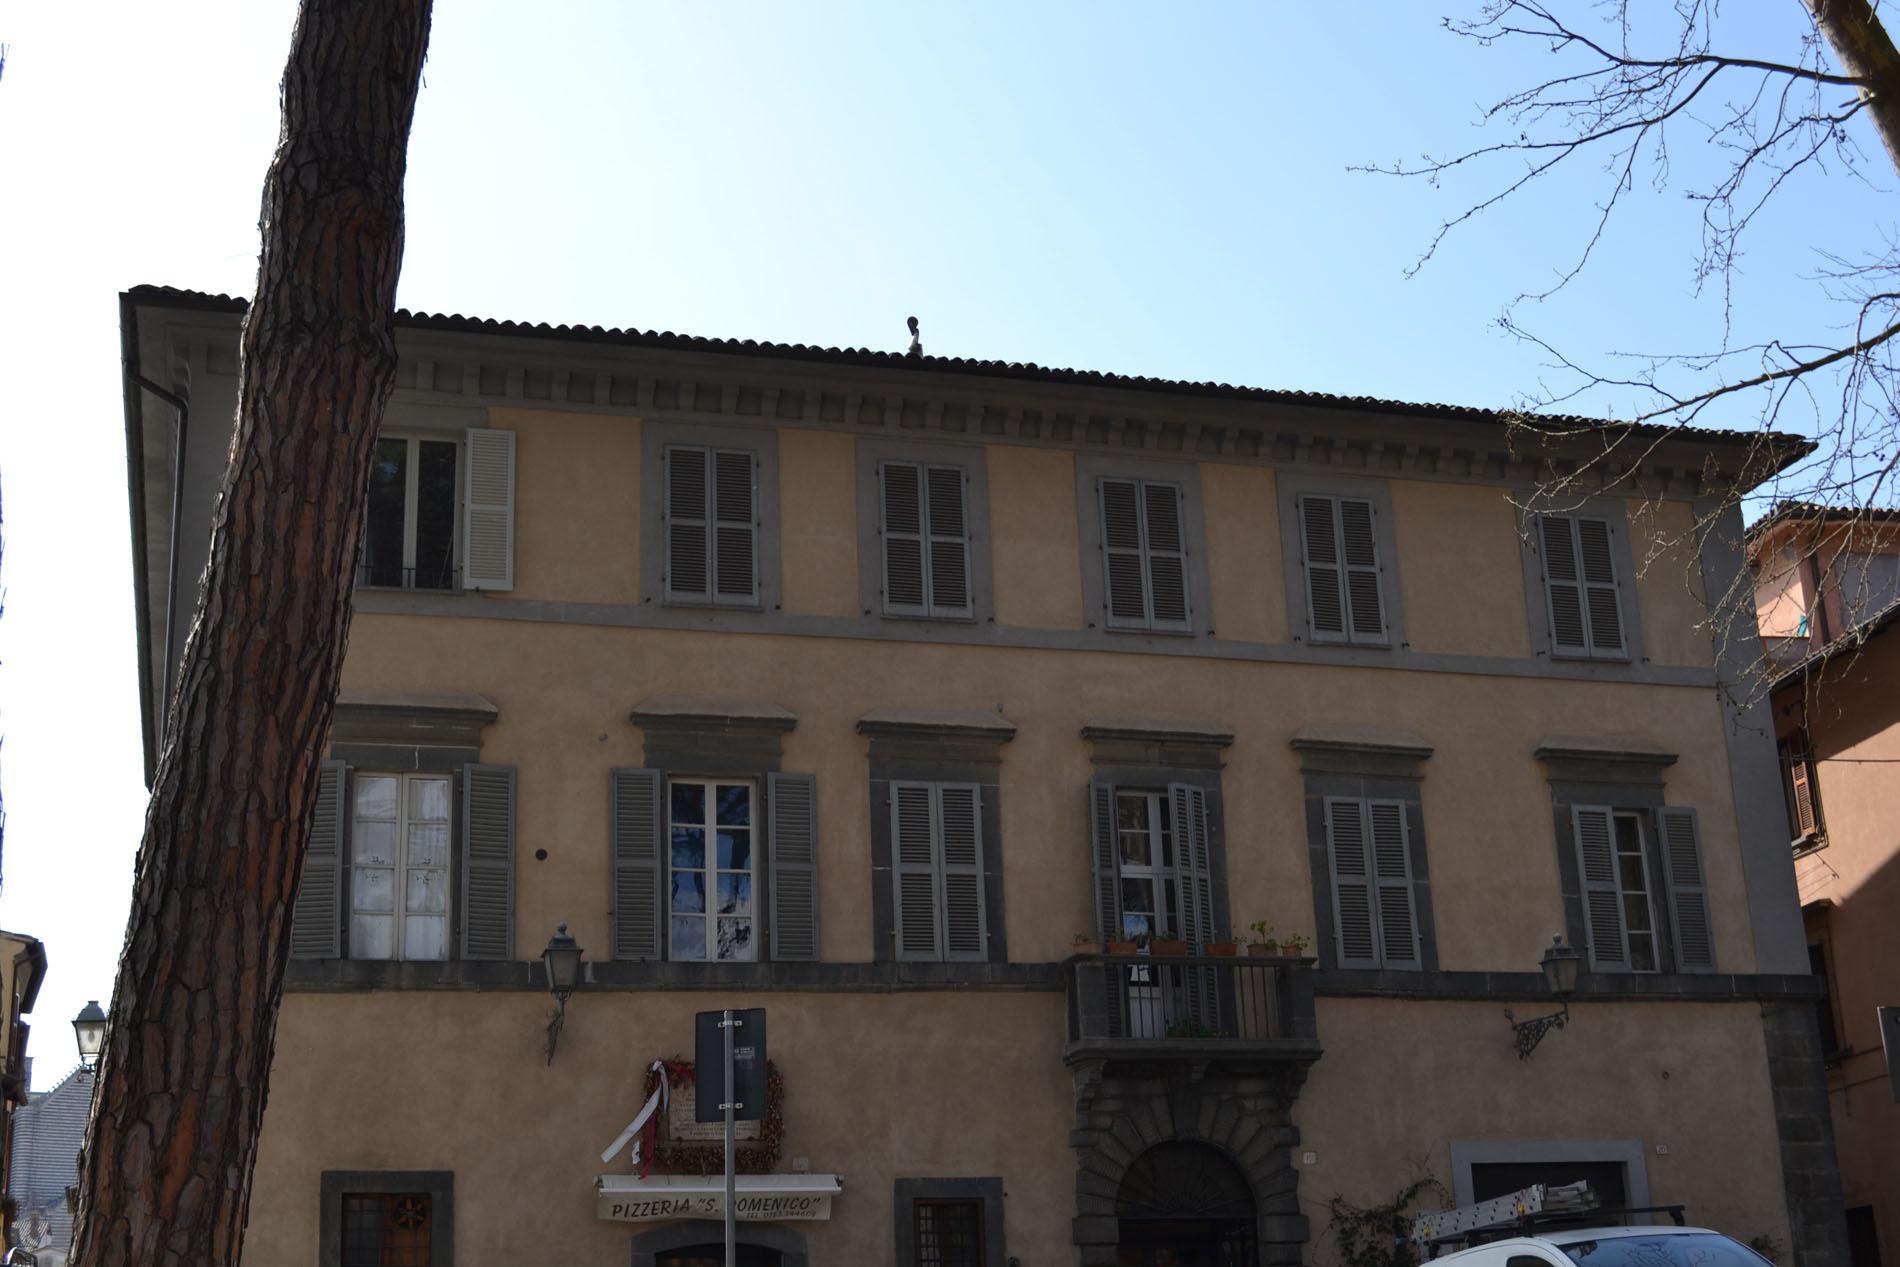 Palazzo-Cingolani_02